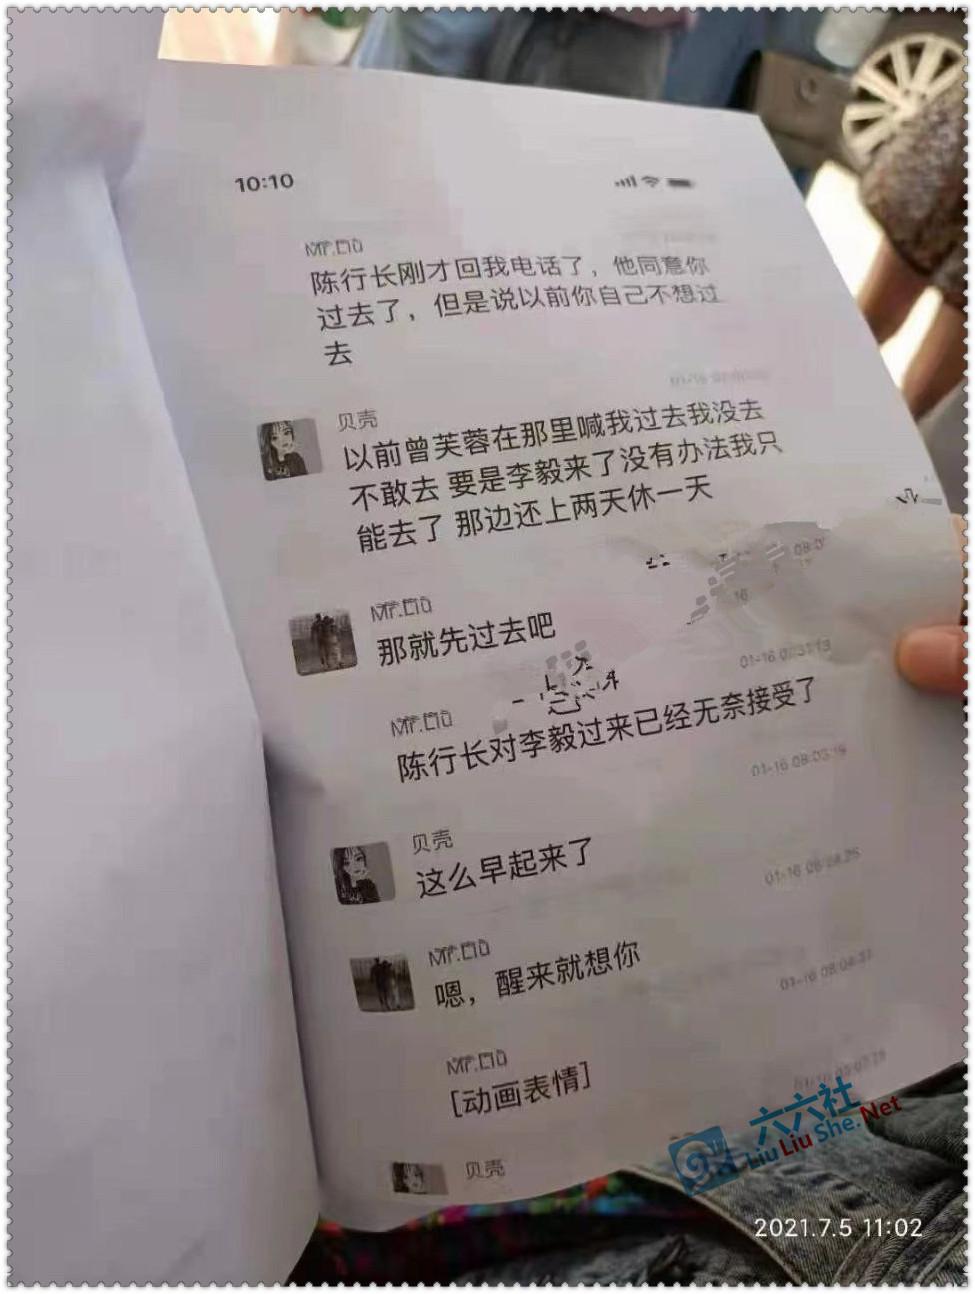 永州农商银行瓜 是怎么回事?附:刘某湘与柜员蒋某的暧昧聊天记录 吃瓜基地 第3张